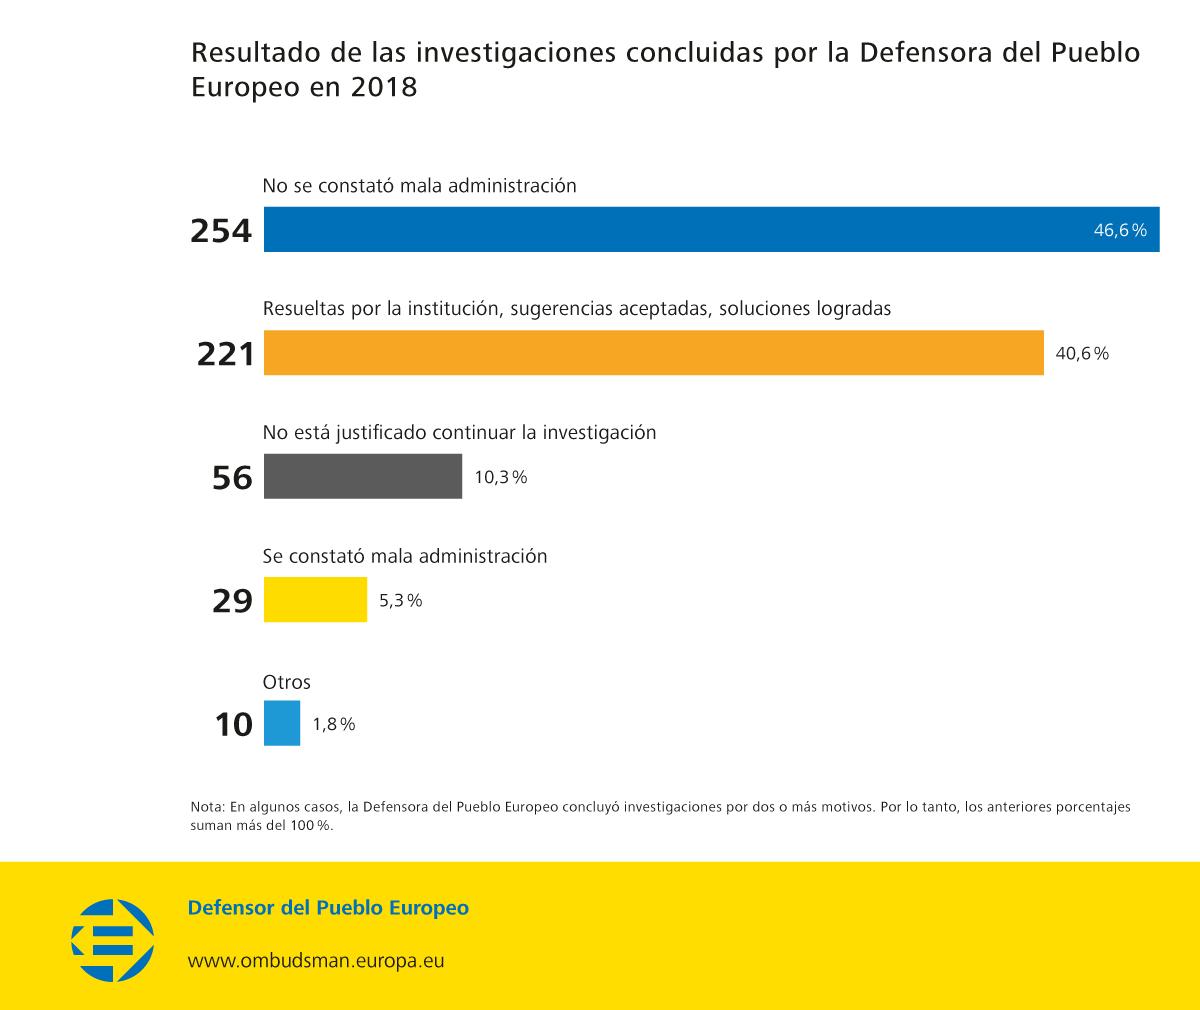 Resultado de las investigaciones concluidas por la Defensora del Pueblo Europeo en 2018